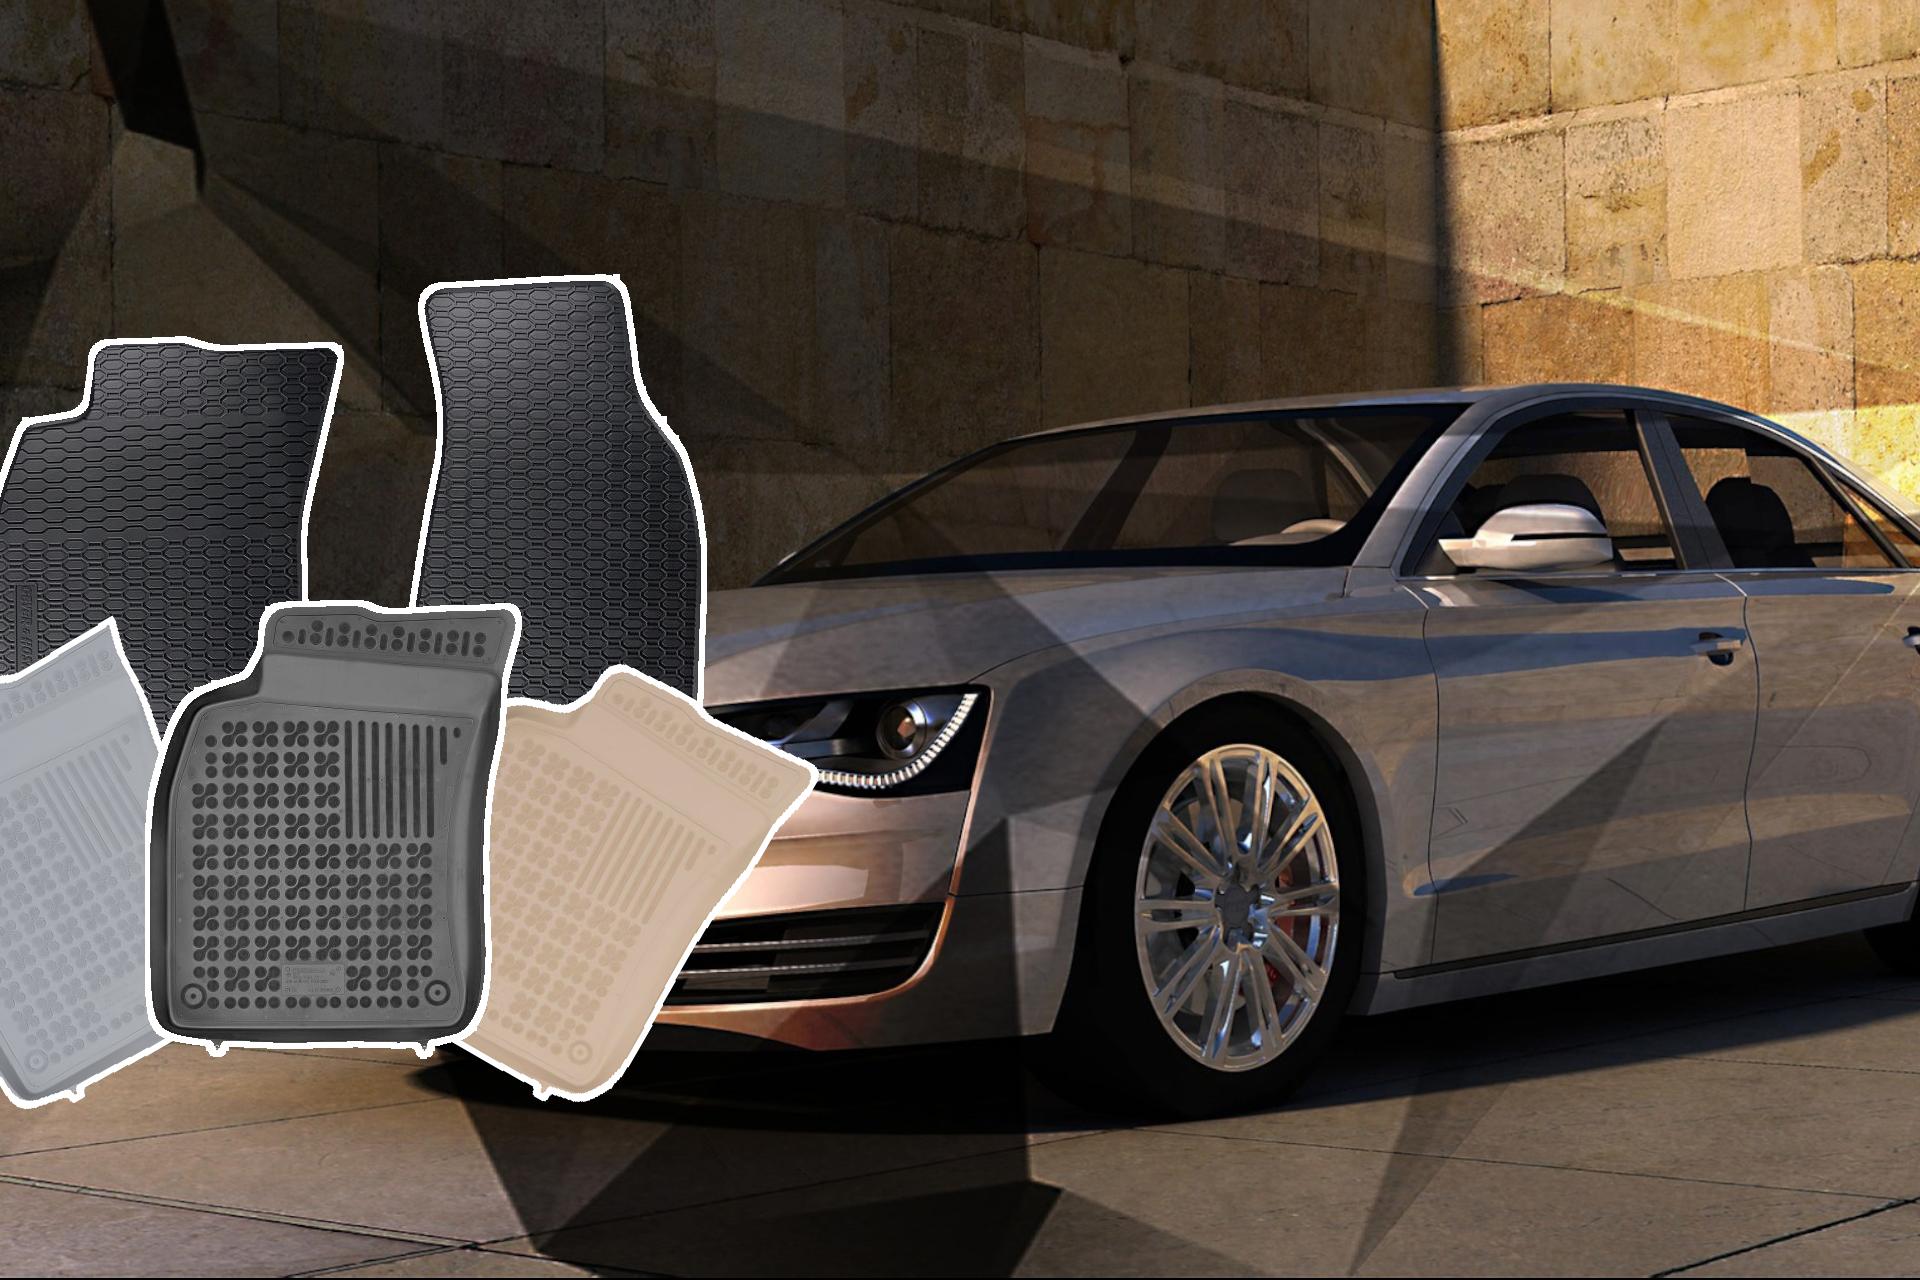 dywaniki welurowe Audi A3 dywaniki samochodowe dywaniki welurowe